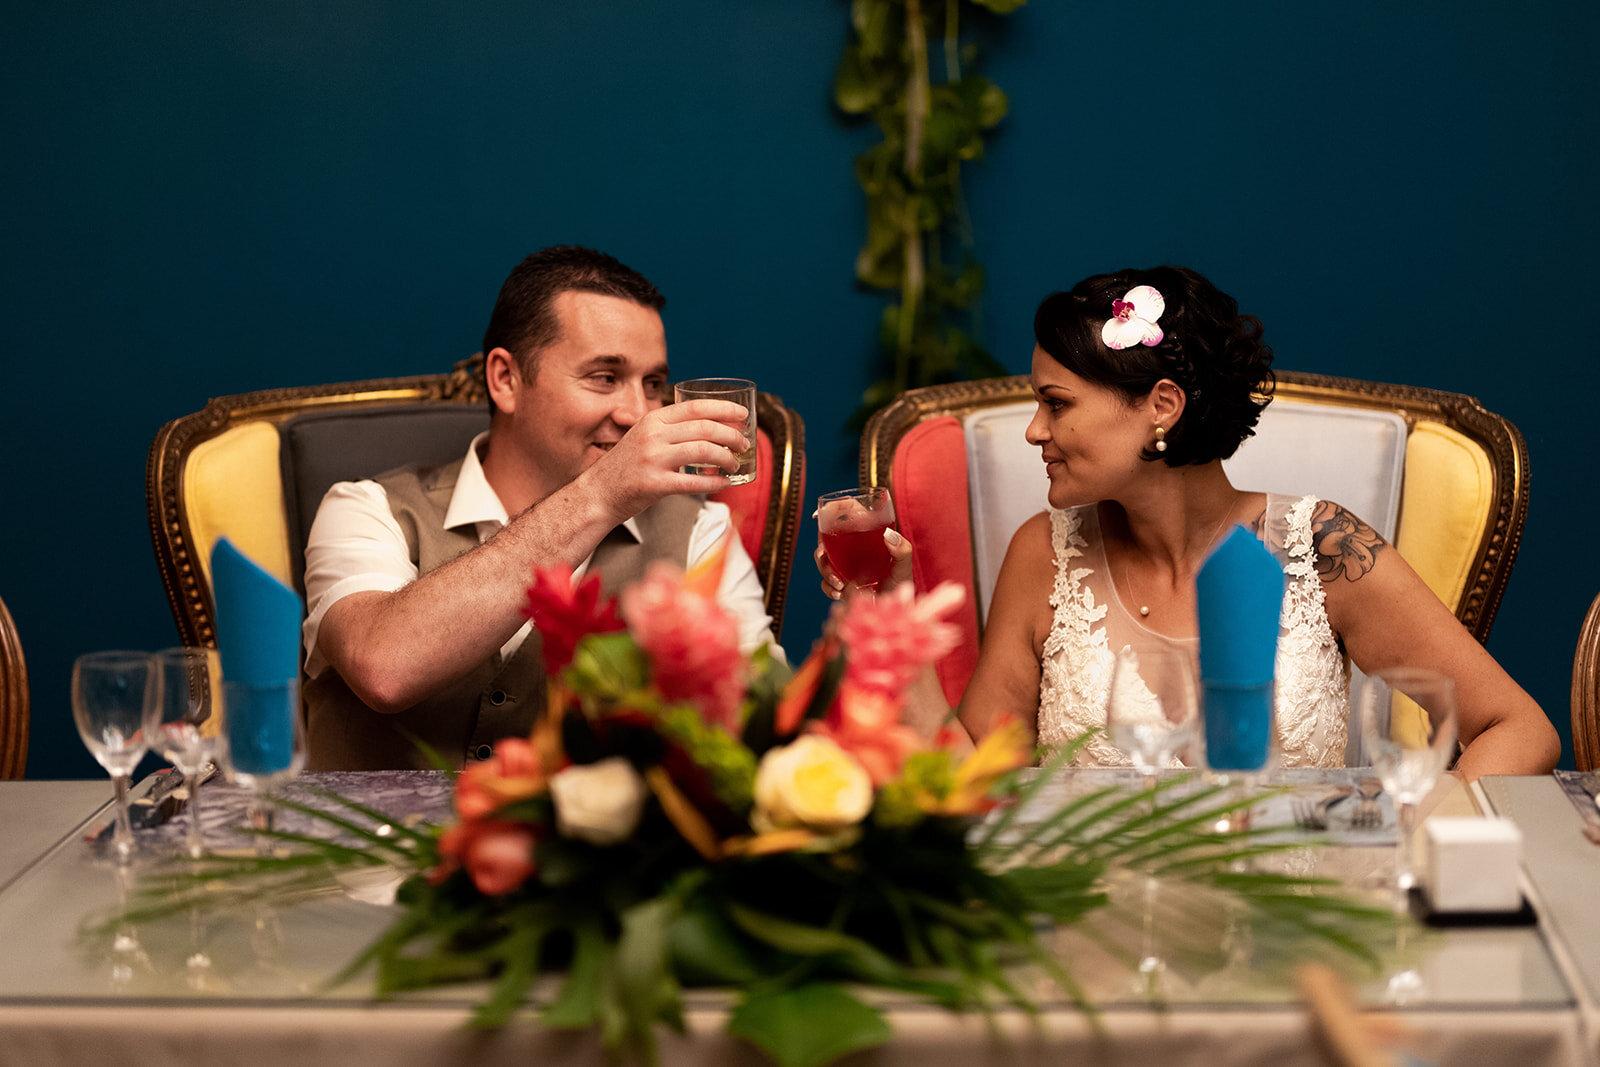 Organisation renouvellement des voeux A et S _ MRevenement wedding planner à la Réunion (31).jpg